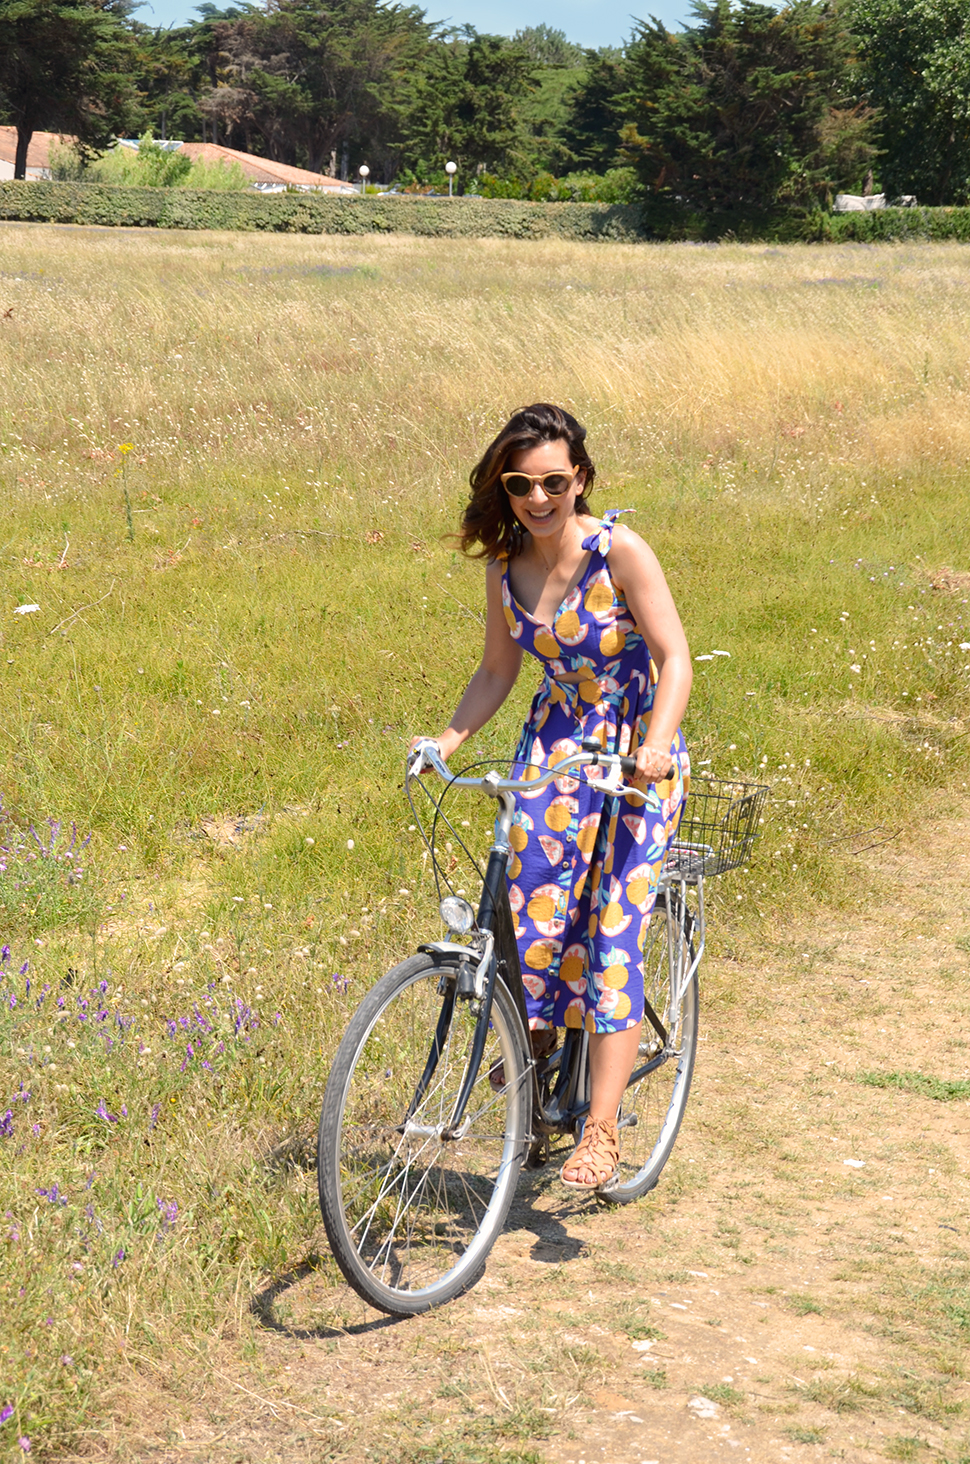 Helloitsvalentine_iledere_bicycle_Cocorrina_Pimkie_6